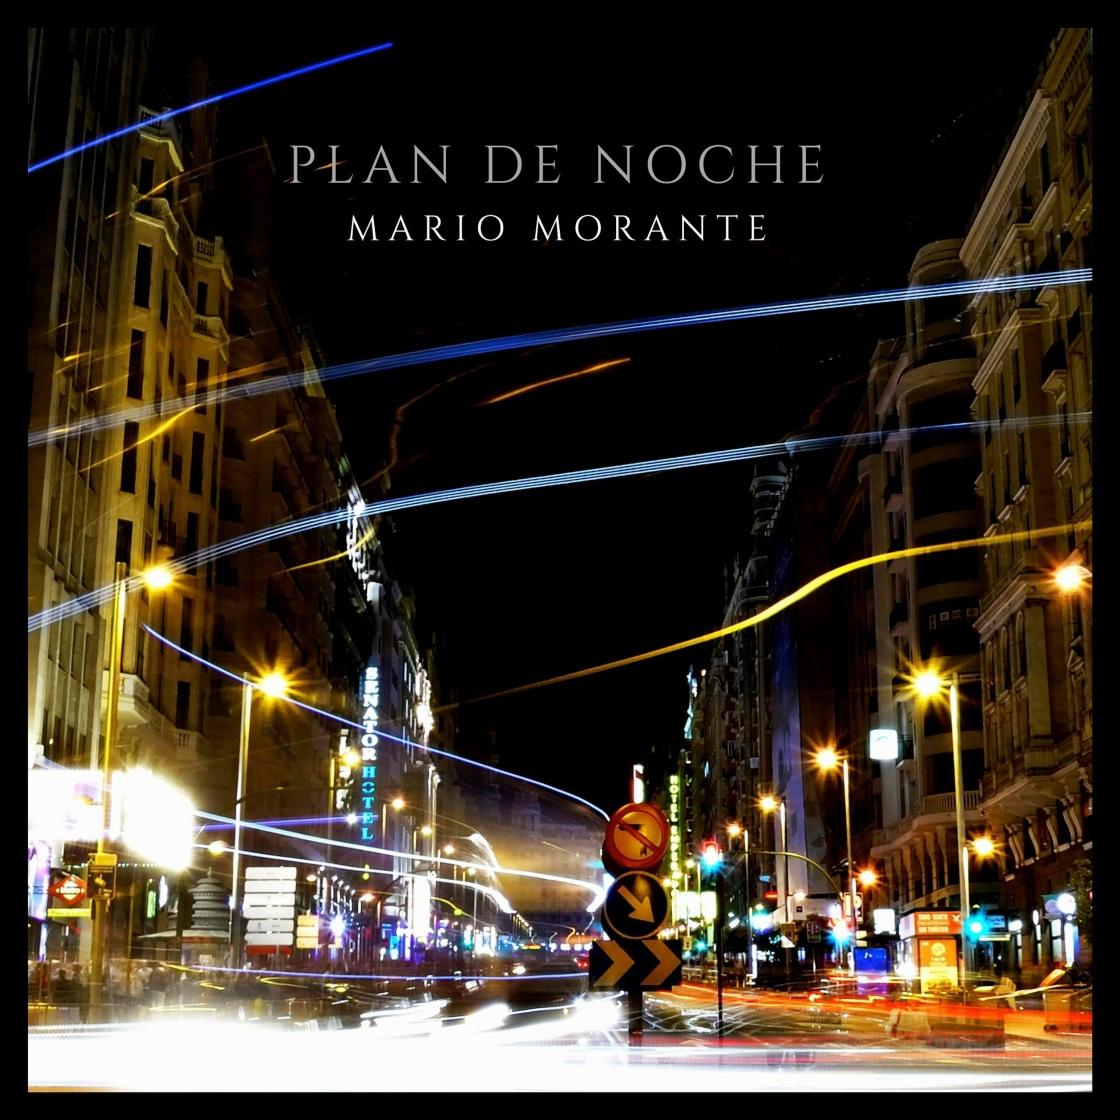 Nuevo Ep de Mario Morante